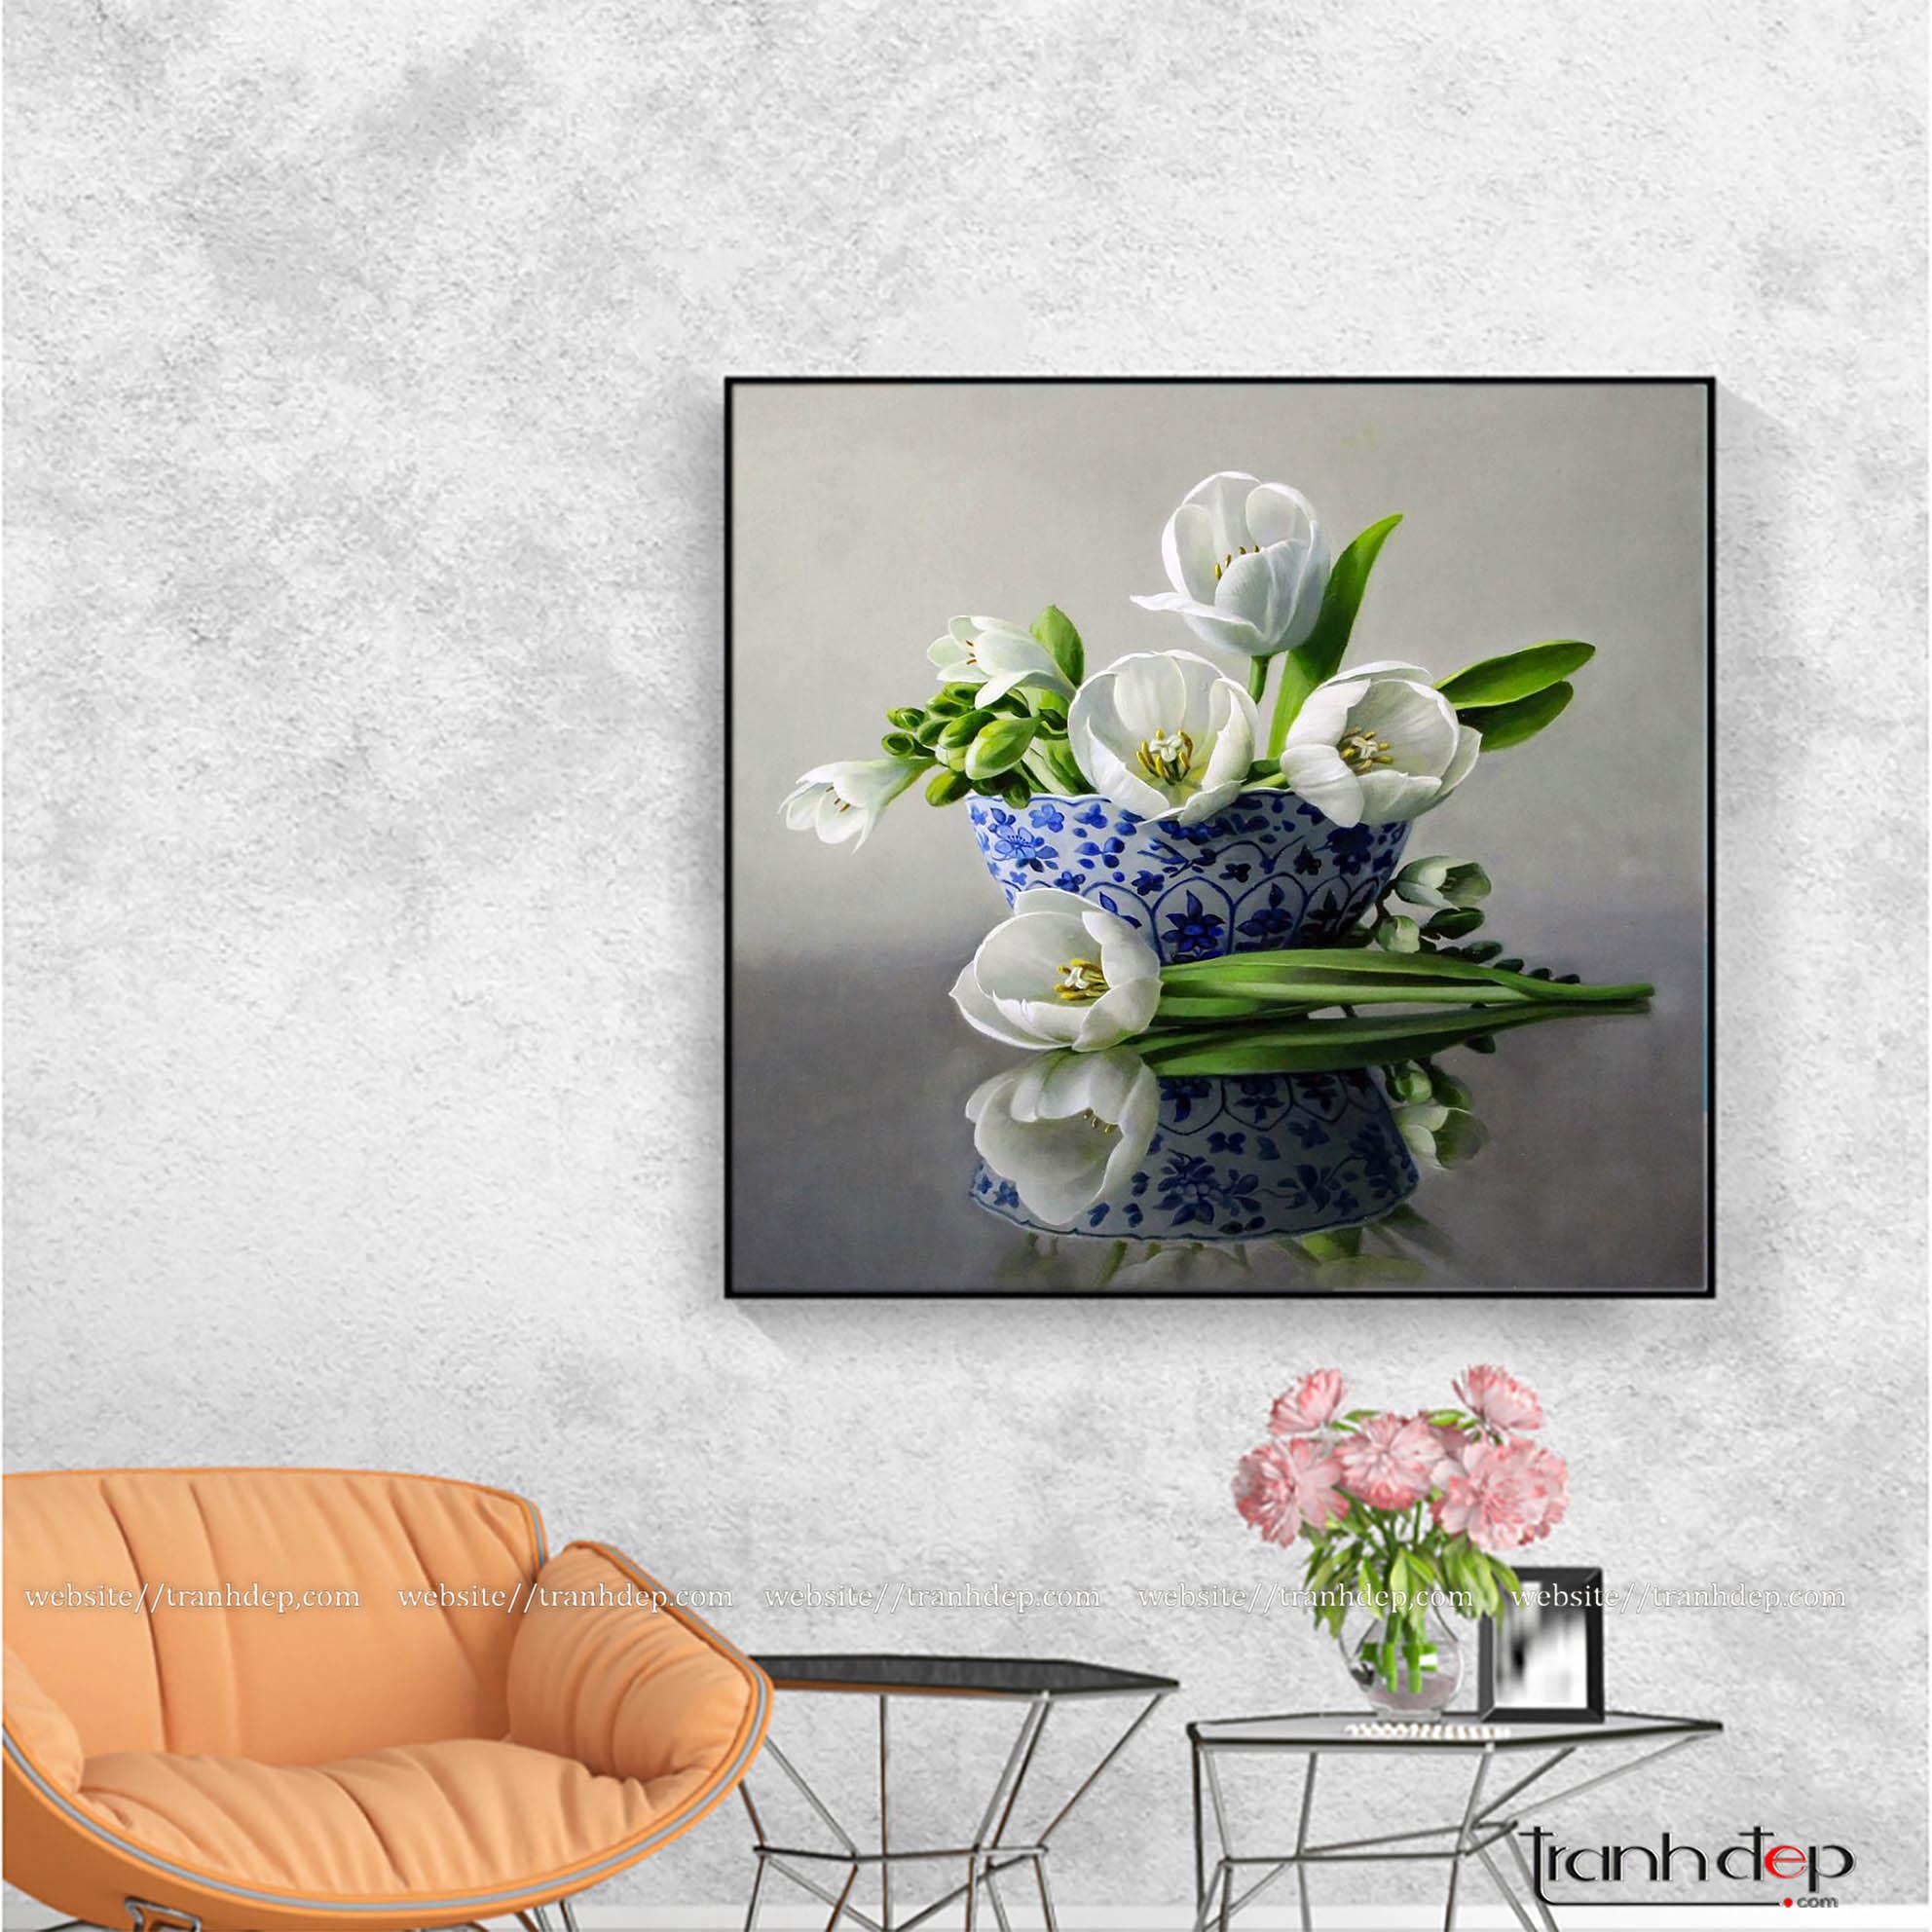 Tranh treo tường hoa tulip đẹp trong phòng khách